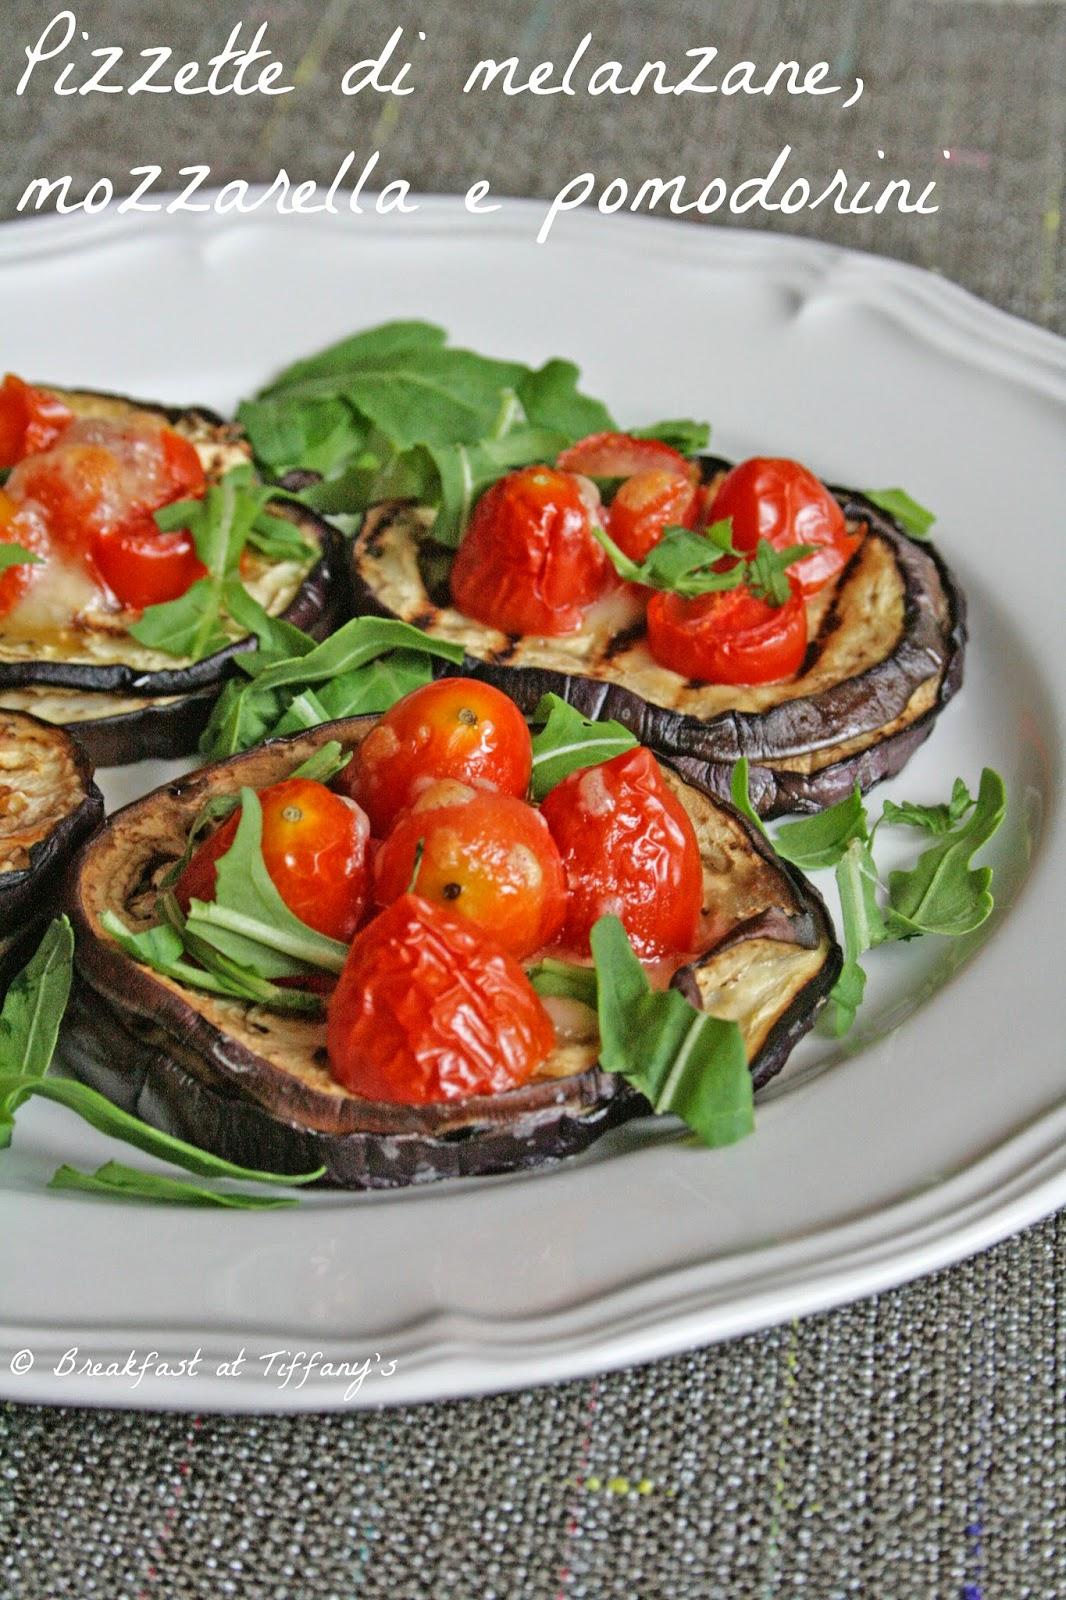 pizzette di melanzane, mozzarella e pomodorini / aubergine bruschetta with mozzarella cheese and cherry tomatoes